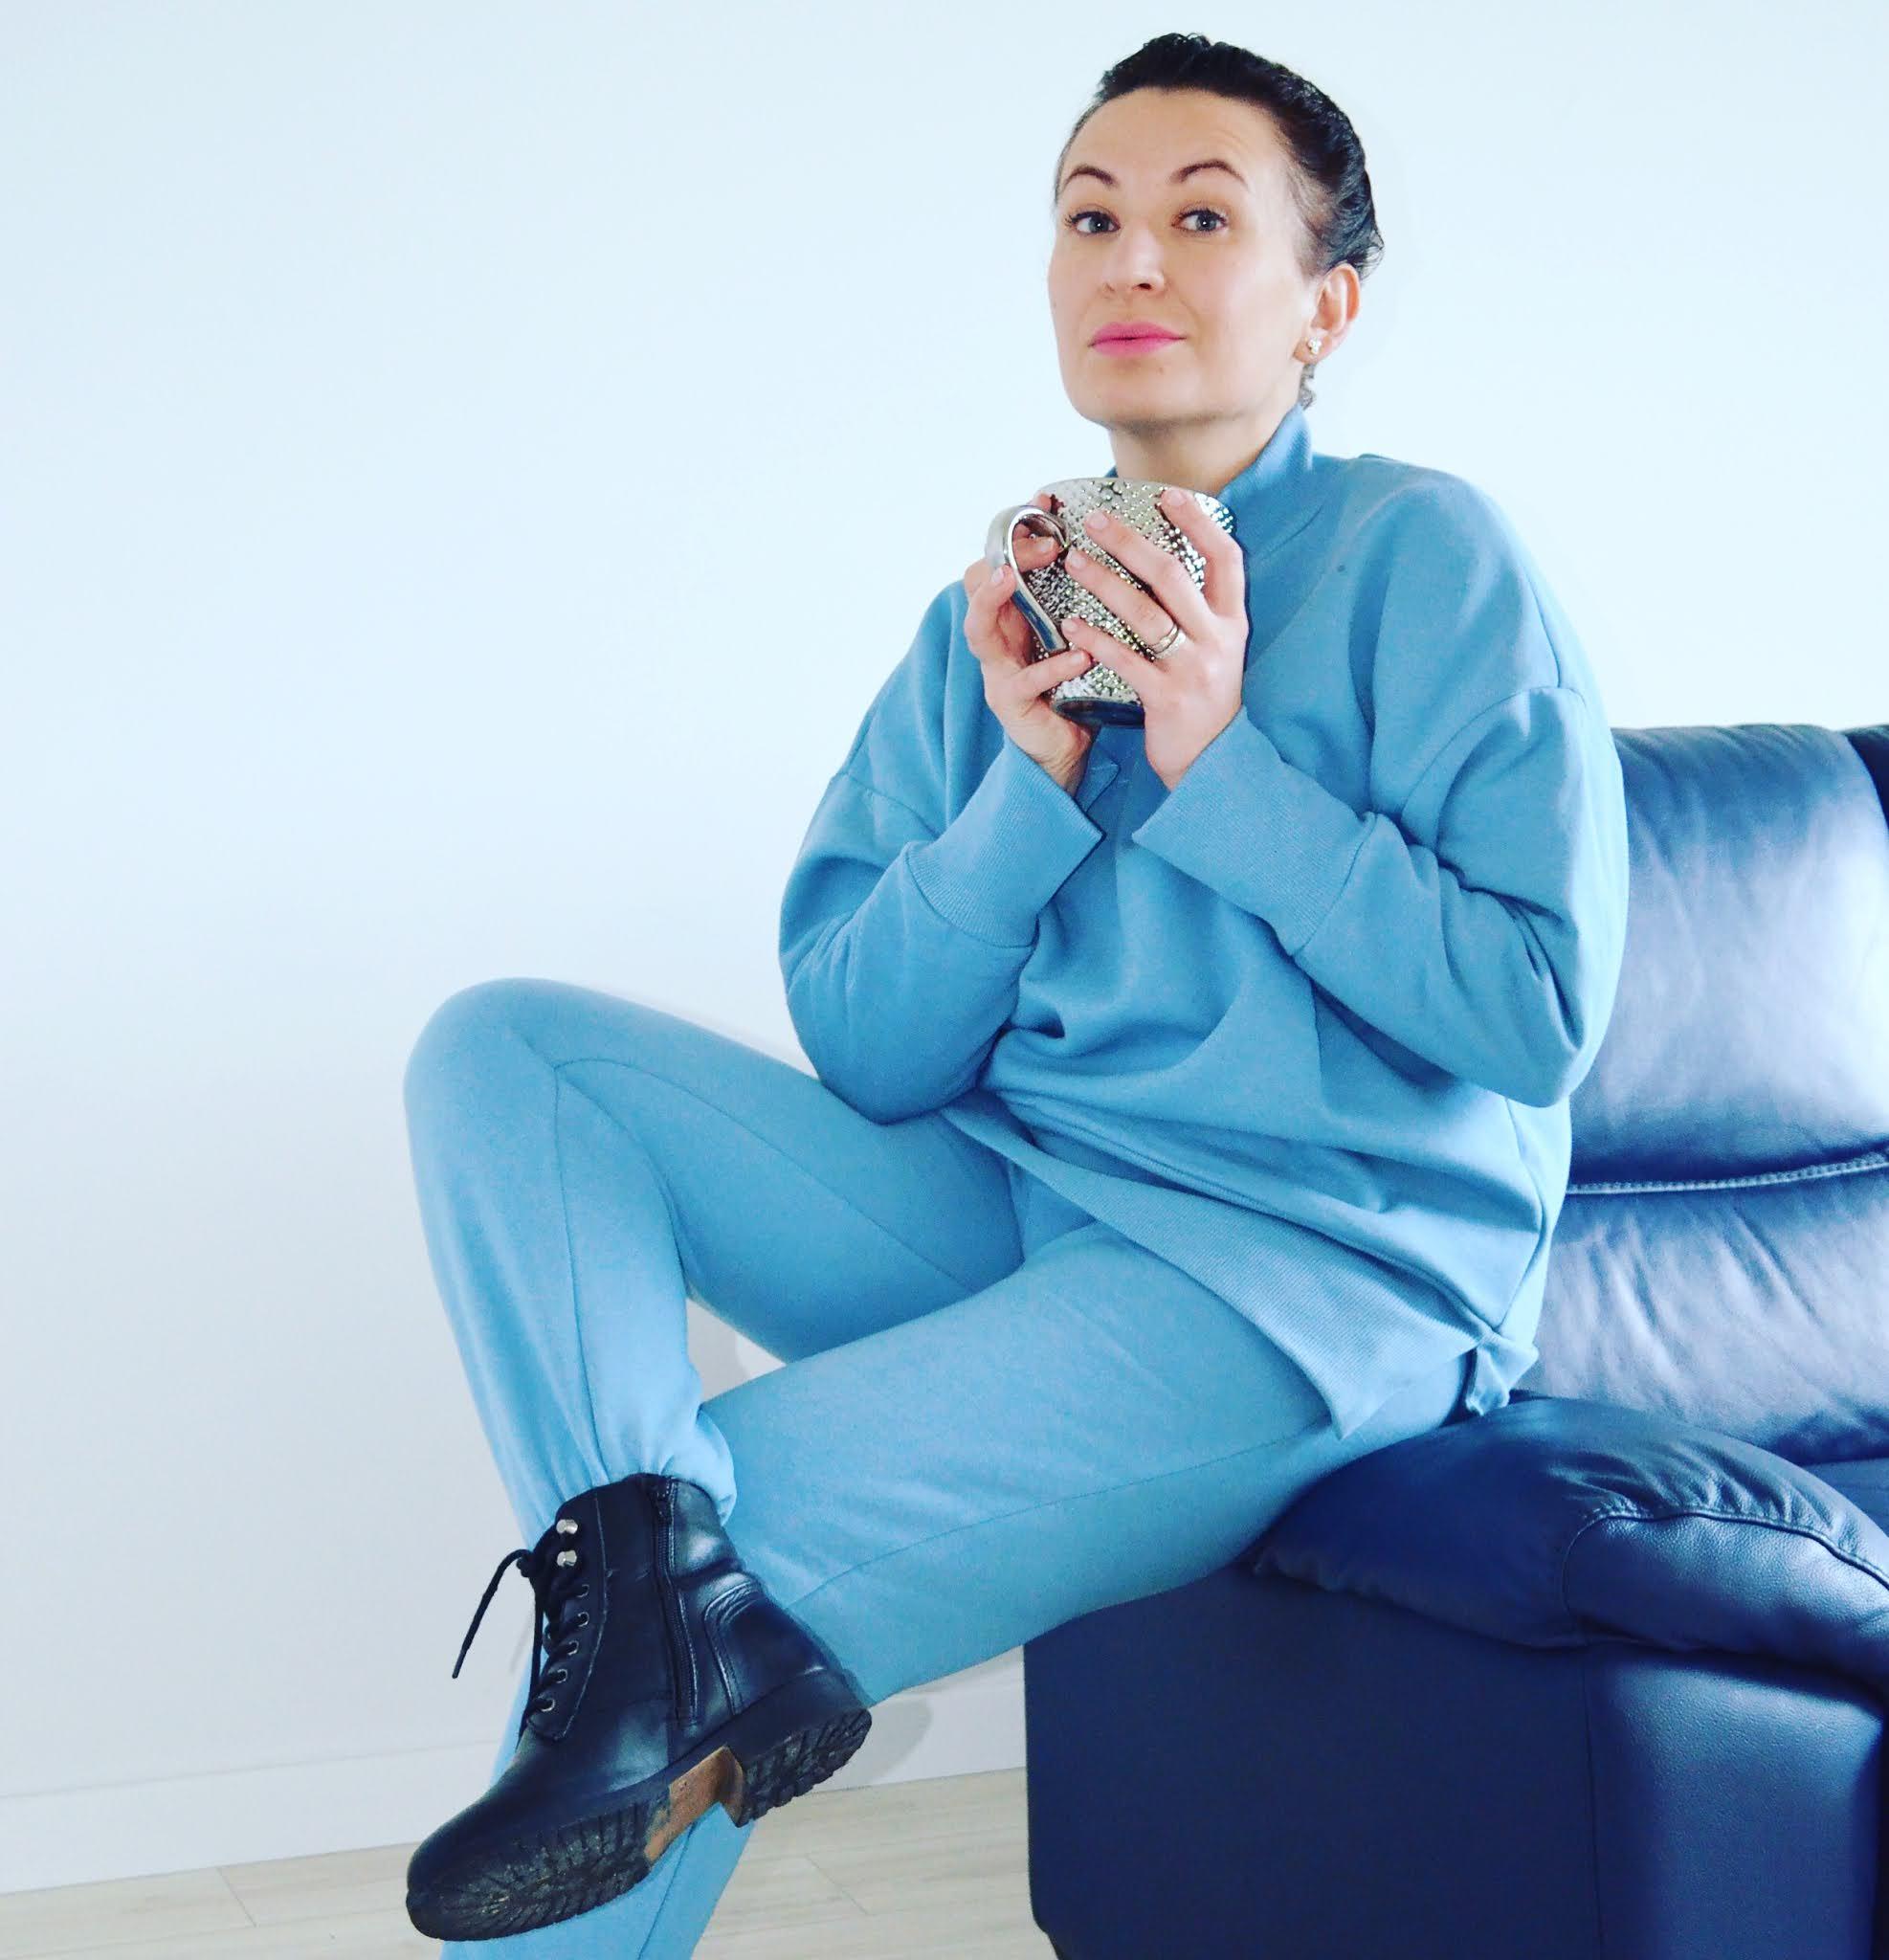 Dres Laurella;Laurella Blue Tracksuit;www.adriana-style.com;blogerka modowa 40+;blogerka 40+;styl 40+;kobieta po czterdziestce;kobaltowe szpilki;moda;fashion;biżuteria Freya Treasures, Freya Treasures Jewelry